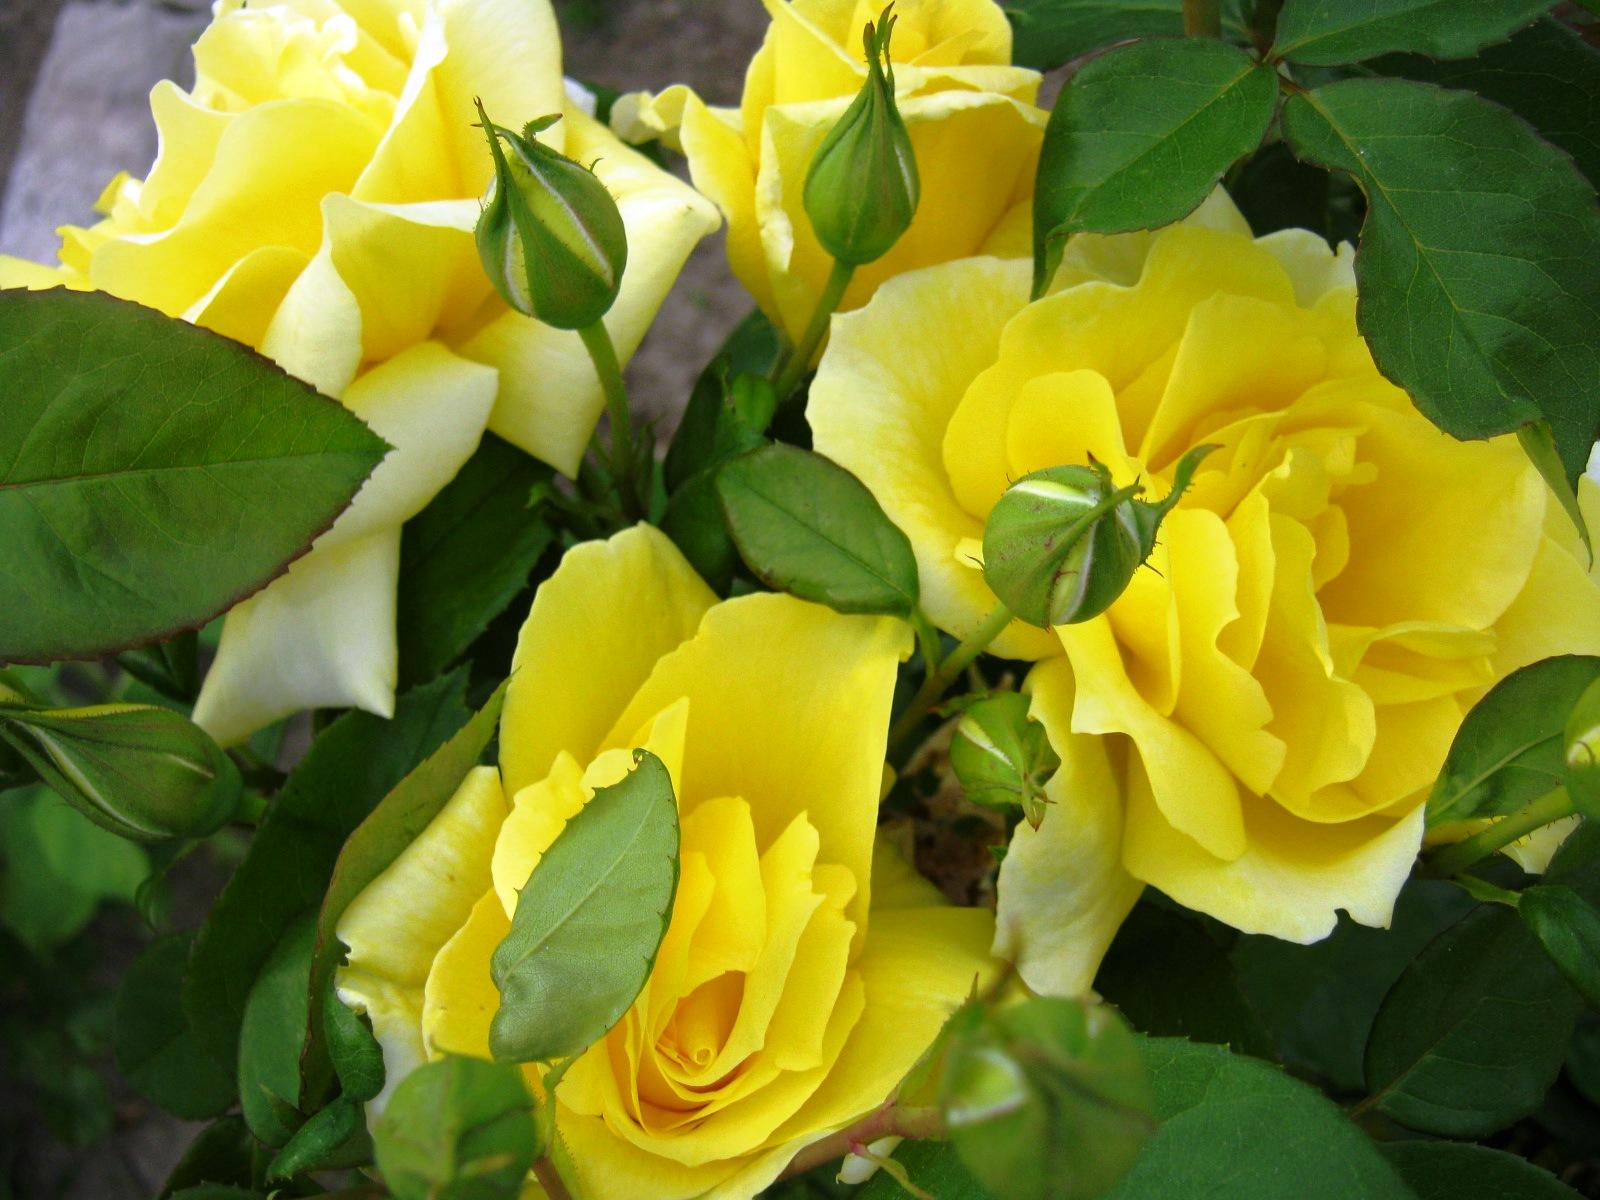 jardim rosas amarelas : jardim rosas amarelas:AS MINHAS LINDAS ROSAS AMARELAS QUE ESTÃO NO MÁXIMO AGORA EM PLENO